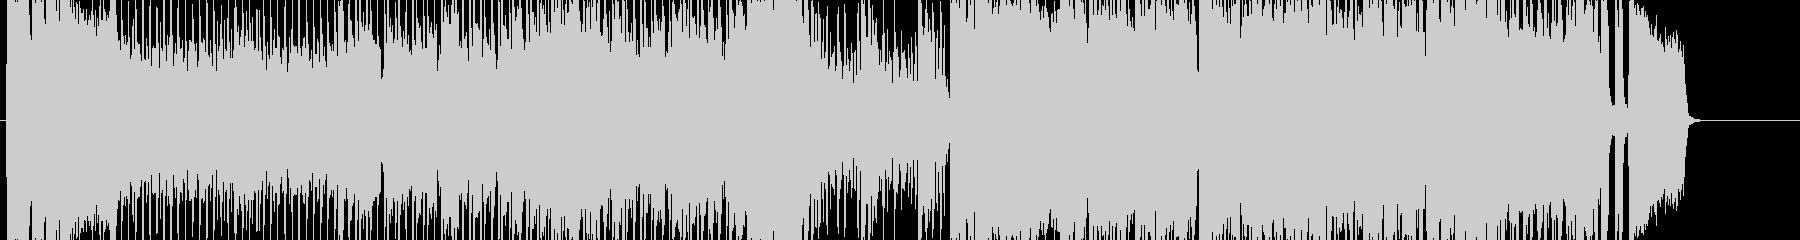 ゲーム用戦闘曲オーケストラロックの未再生の波形